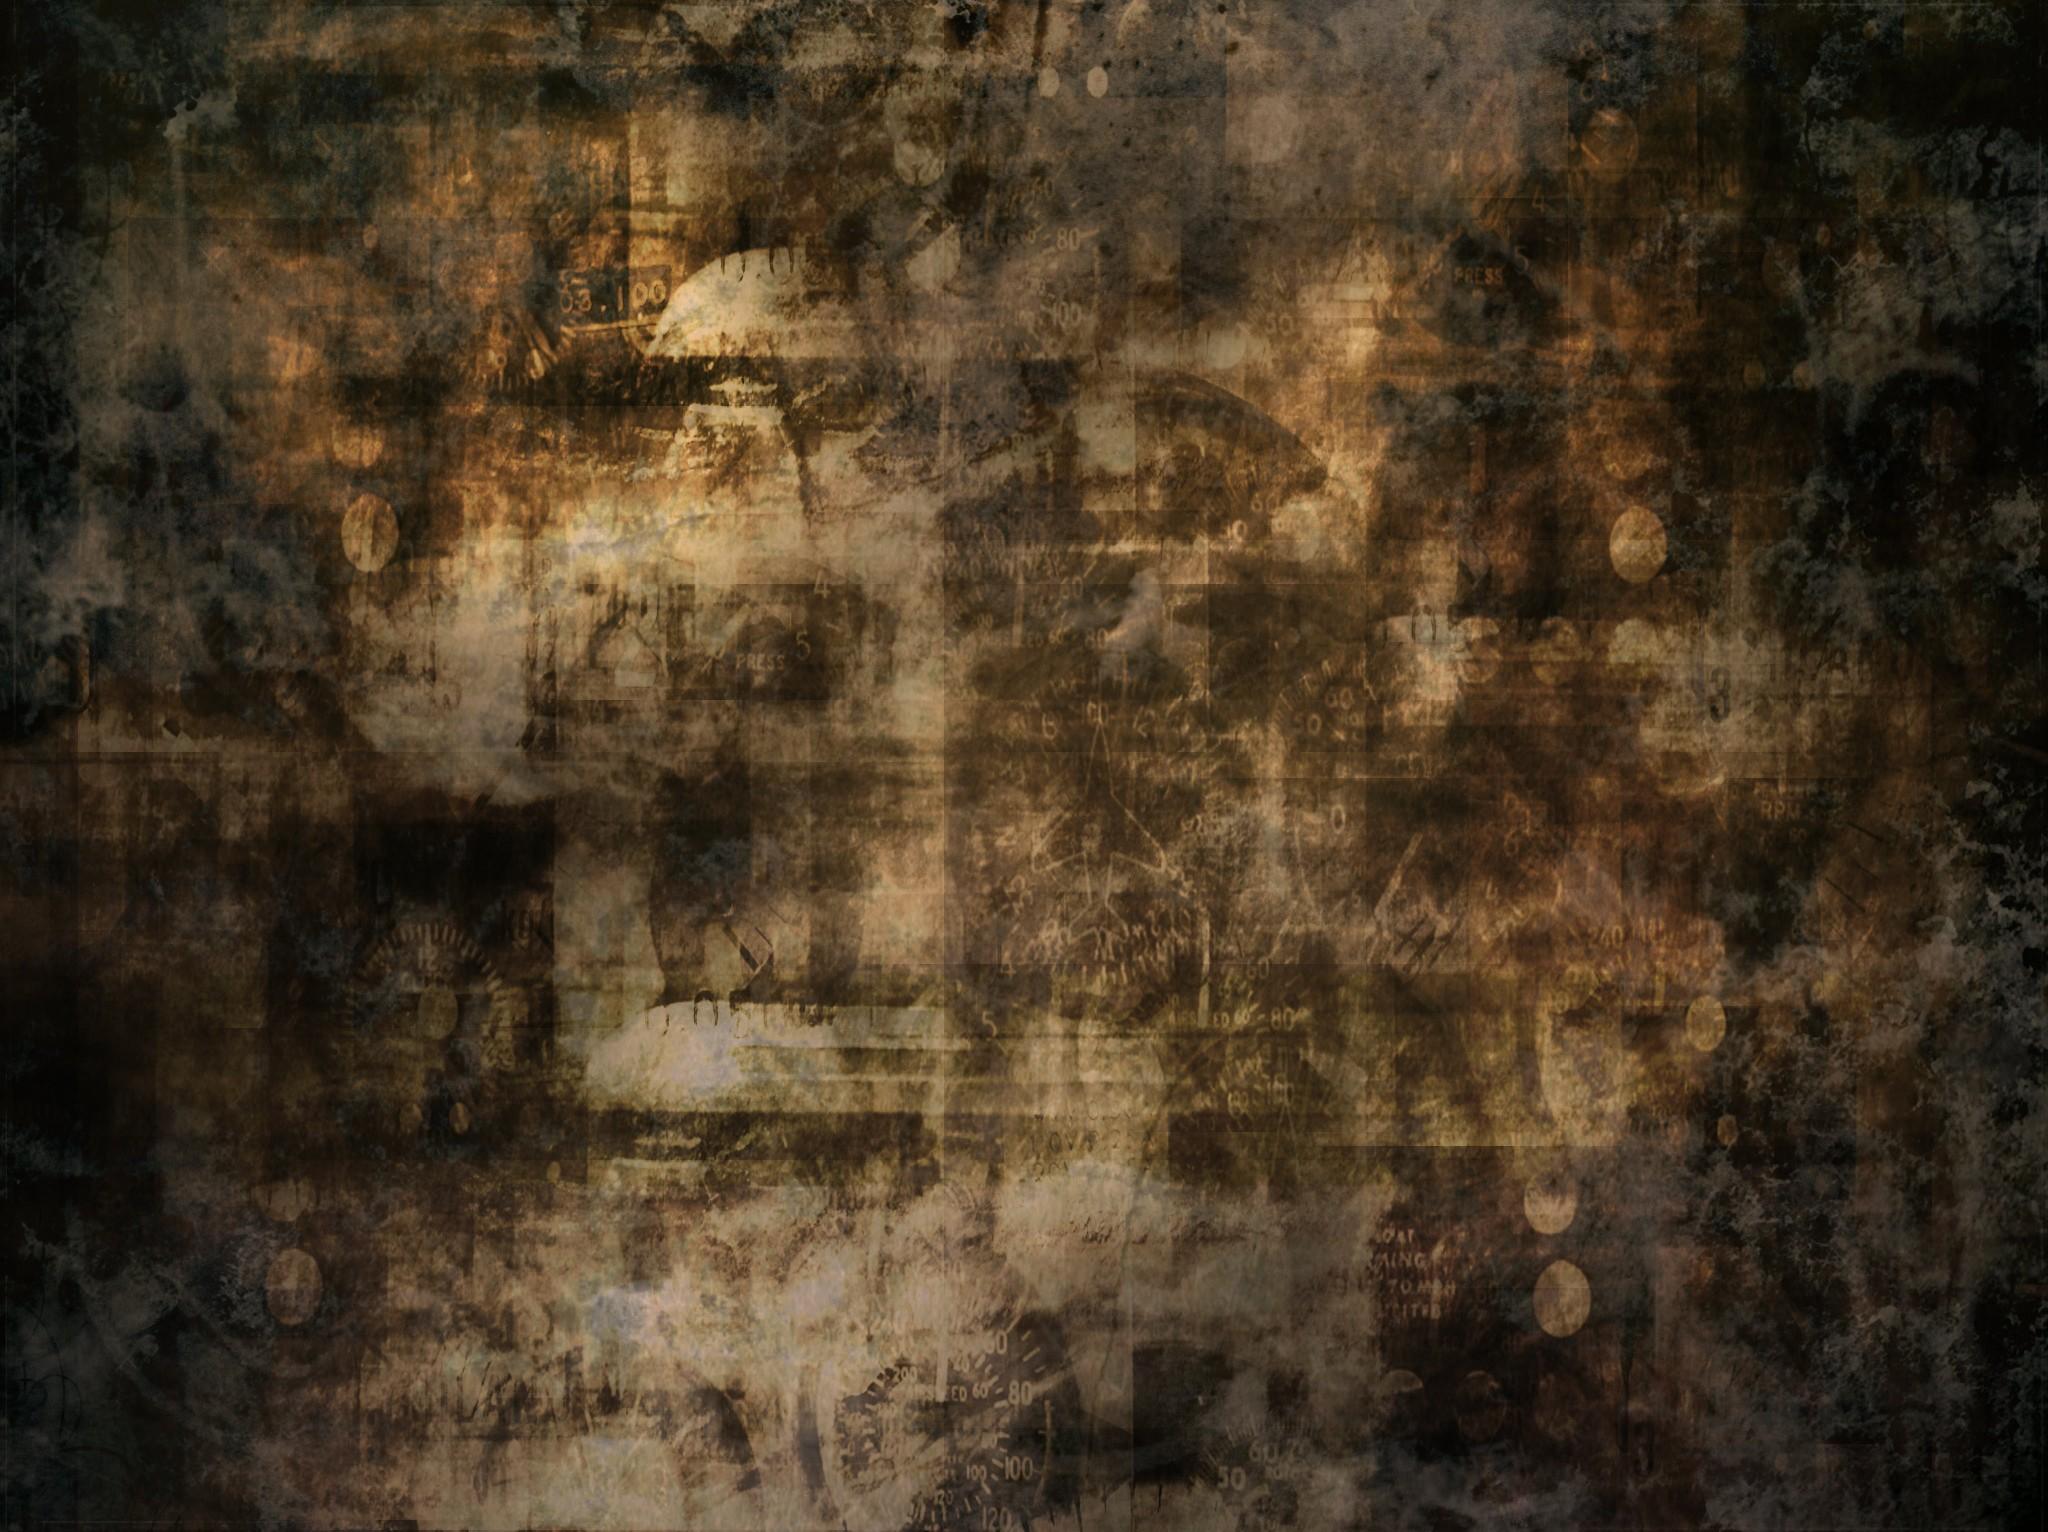 Grunge texture Wallpaper Wallpapers   High resolution Desktop 2048x1532